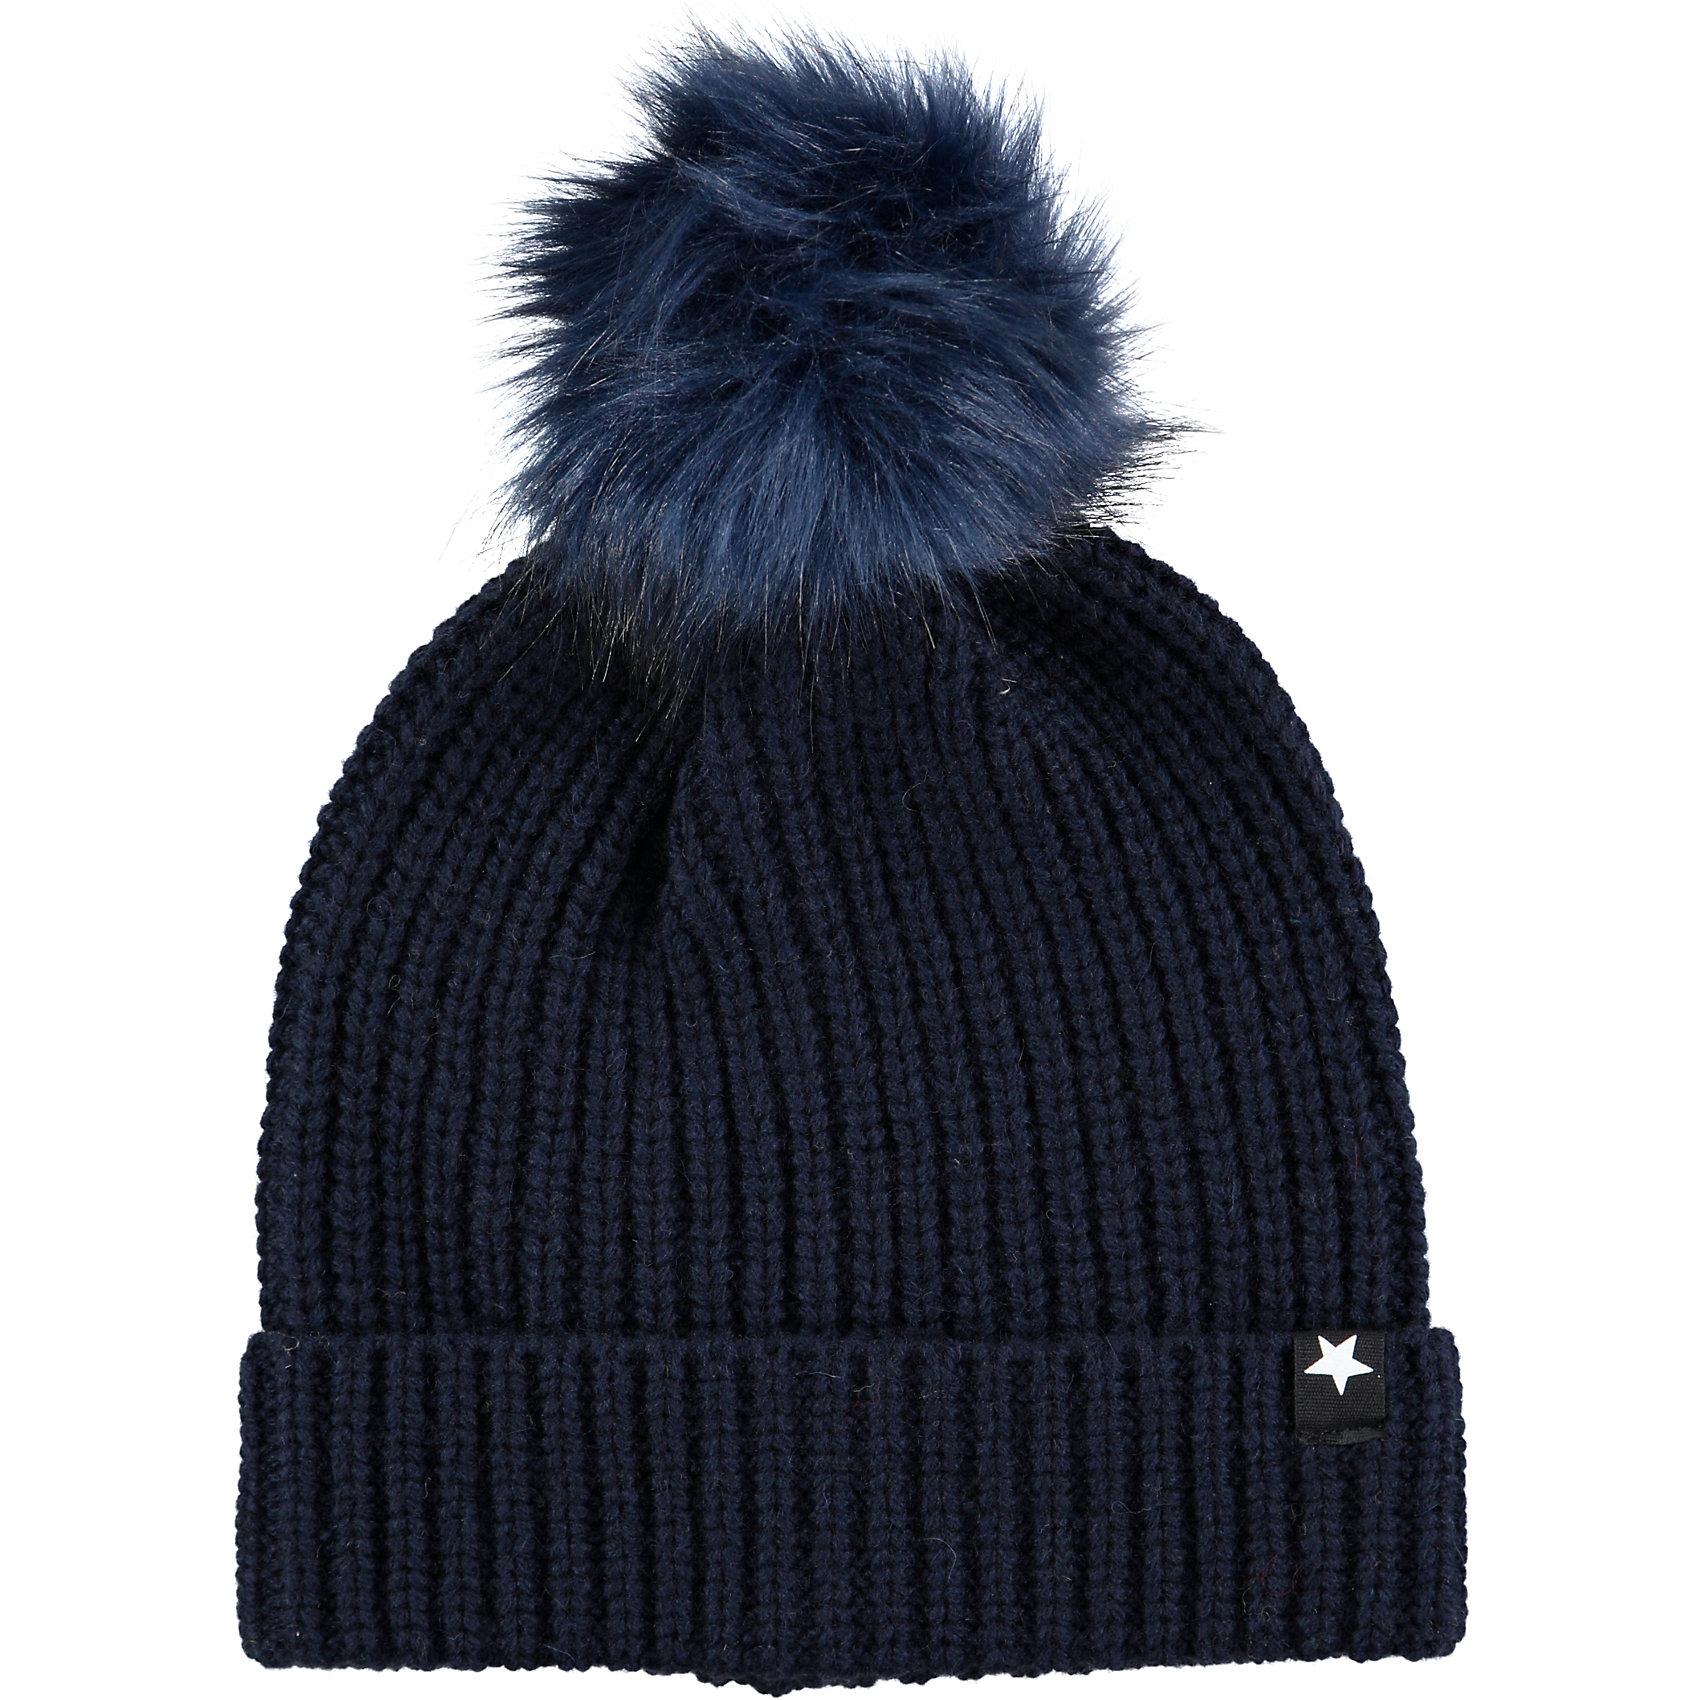 Шапка MOLO для девочкиШапочки<br>Шапка зимняя Molo отлично защищает от холода и ветра, изготовлена из высококачественных материалов не вызывающих аллергию, имеет дополнительный флисовый слой<br><br>Ширина мм: 89<br>Глубина мм: 117<br>Высота мм: 44<br>Вес г: 155<br>Цвет: темно-синий<br>Возраст от месяцев: 0<br>Возраст до месяцев: 3<br>Пол: Женский<br>Возраст: Детский<br>Размер: 55-57,46-48,54-56<br>SKU: 6995304